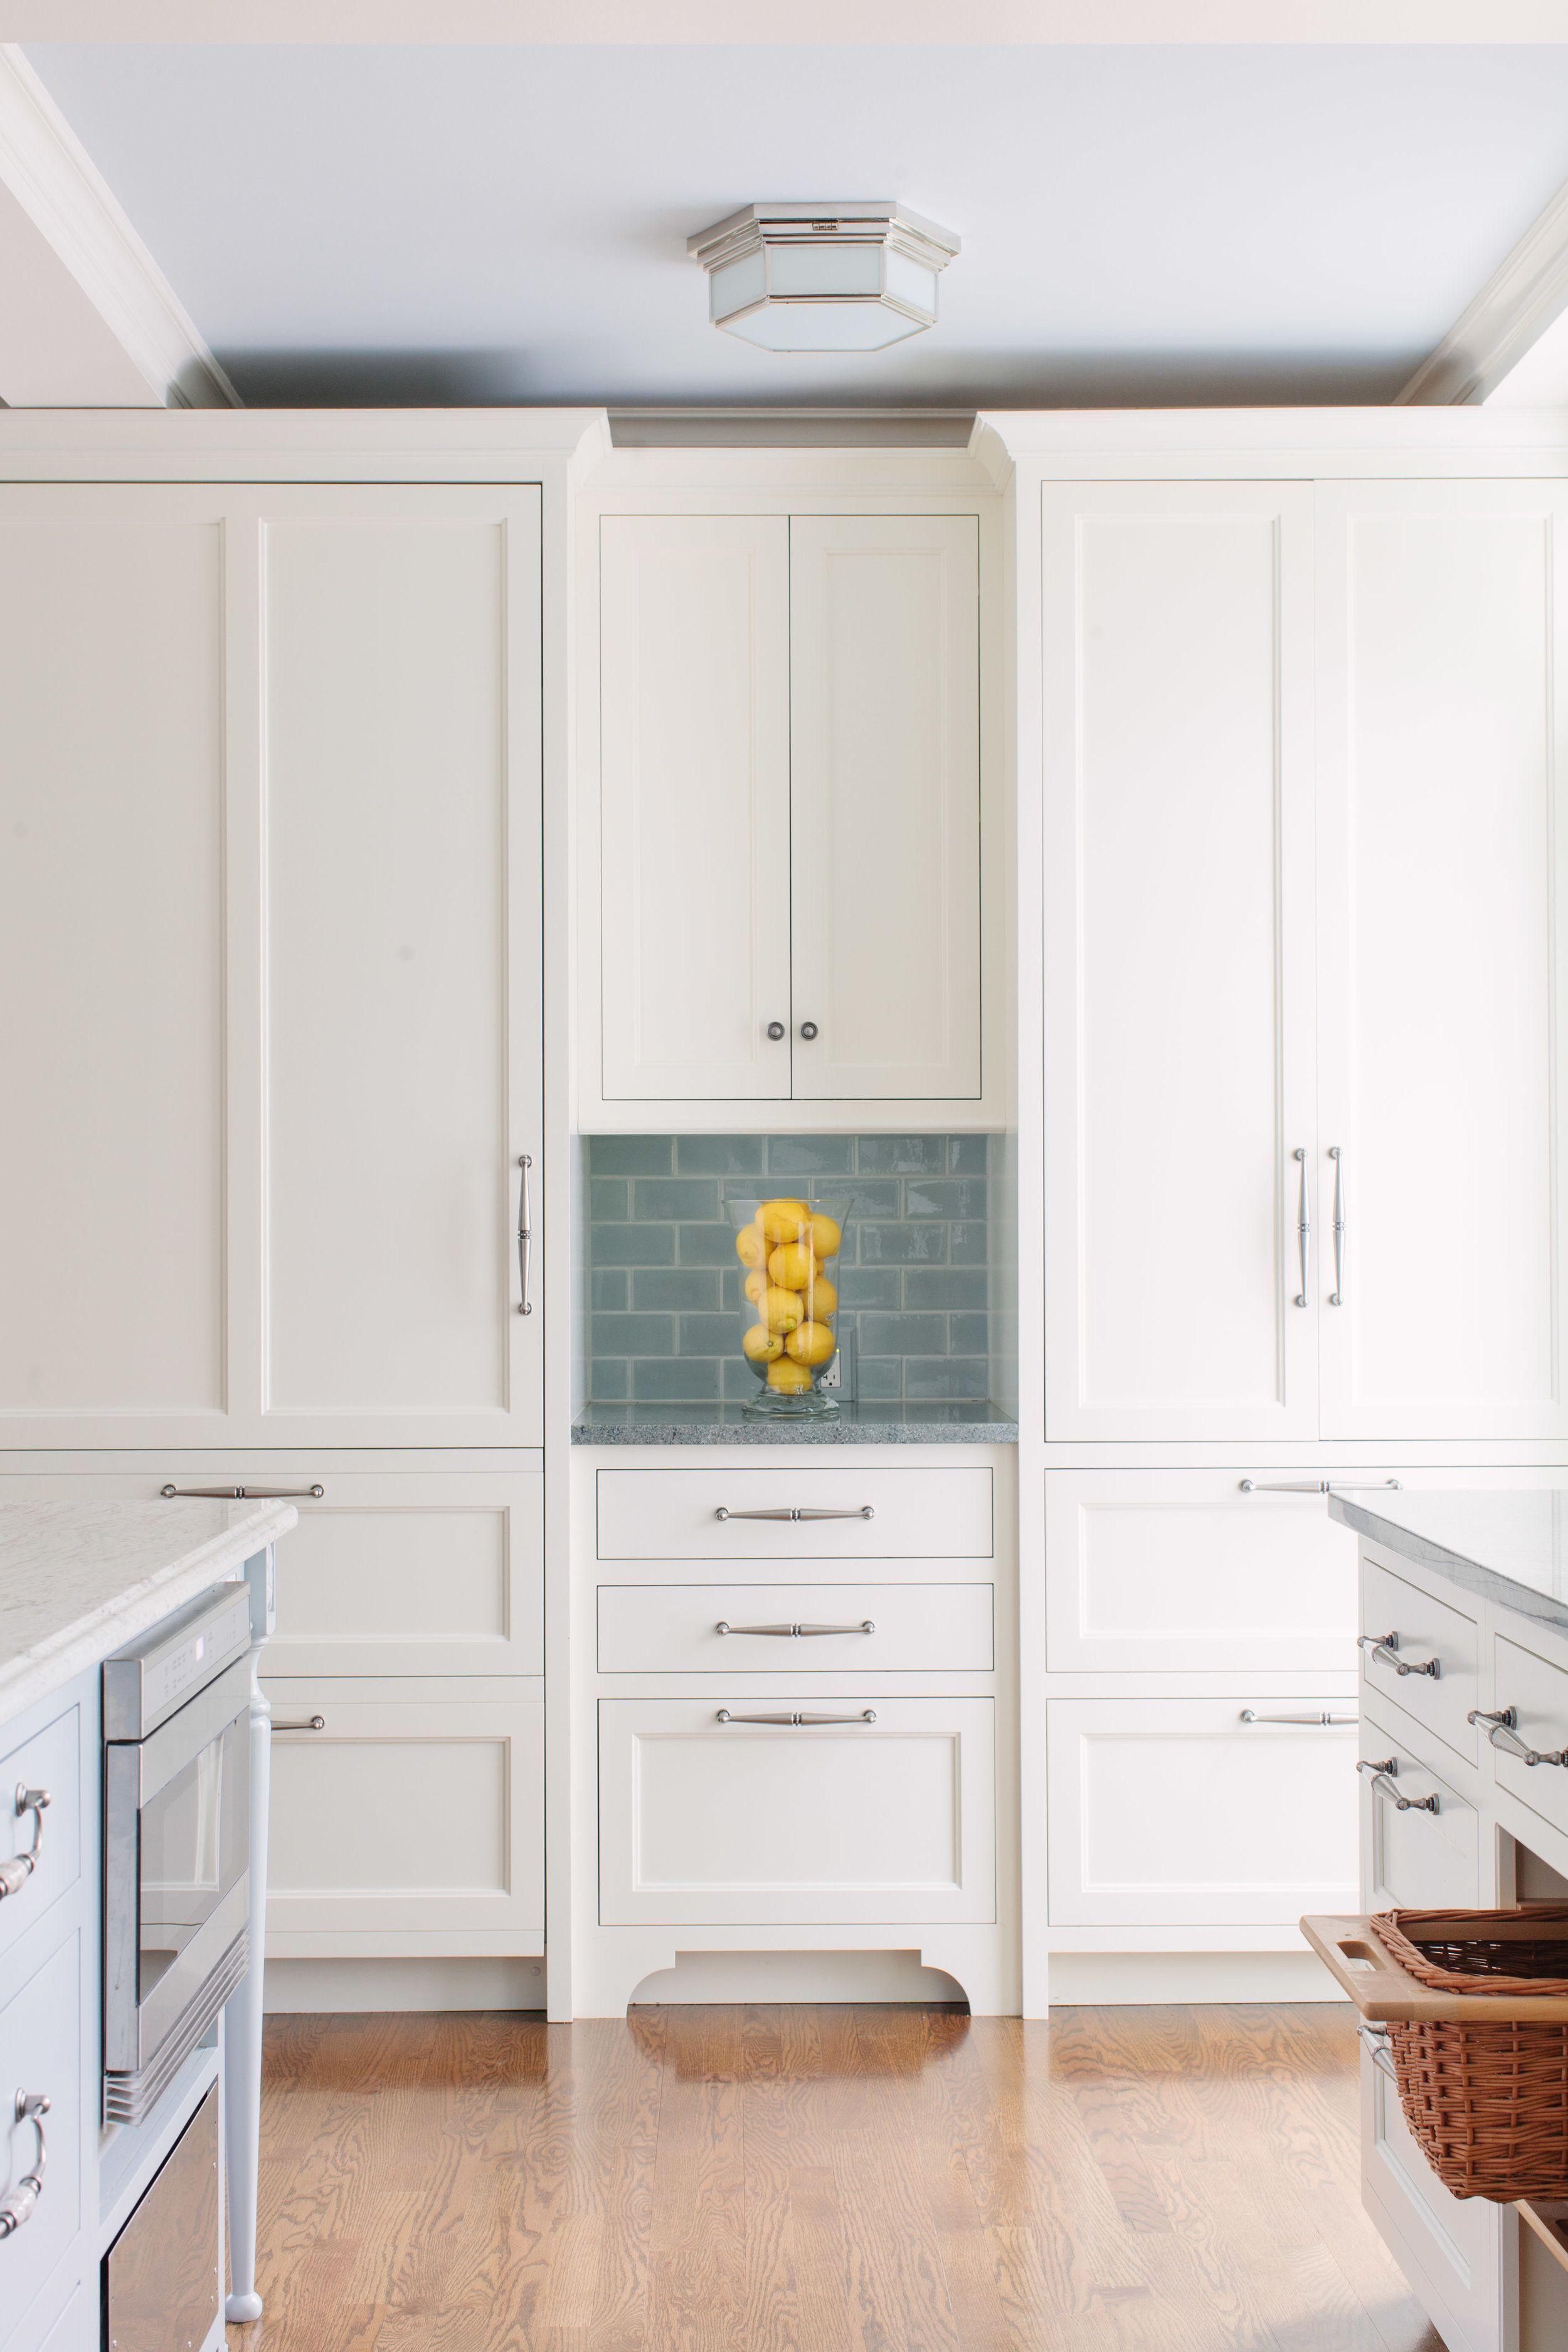 Outstanding Antique Kitchen Lighting Pinterest Kitchen Kitchen Lights Download Free Architecture Designs Scobabritishbridgeorg